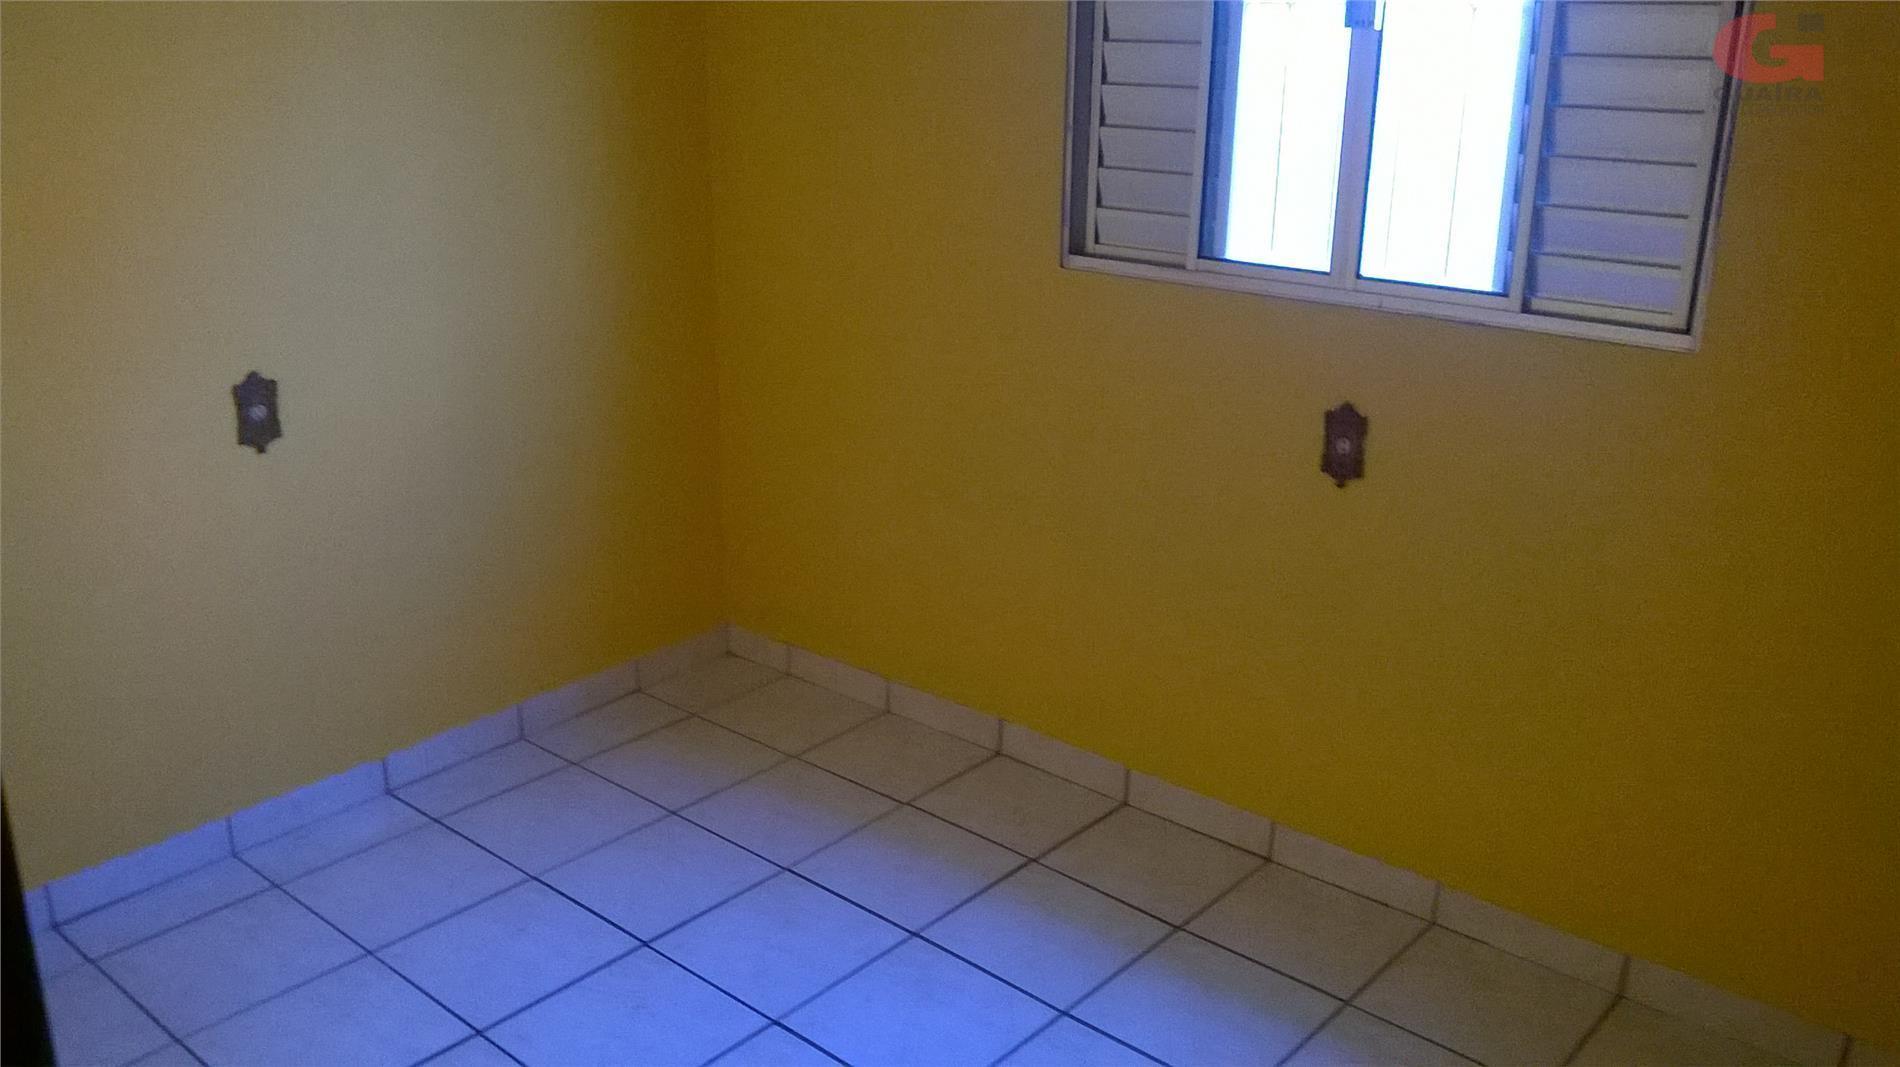 Sobrado de 3 dormitórios à venda em Jardim Ruyce, Diadema - SP